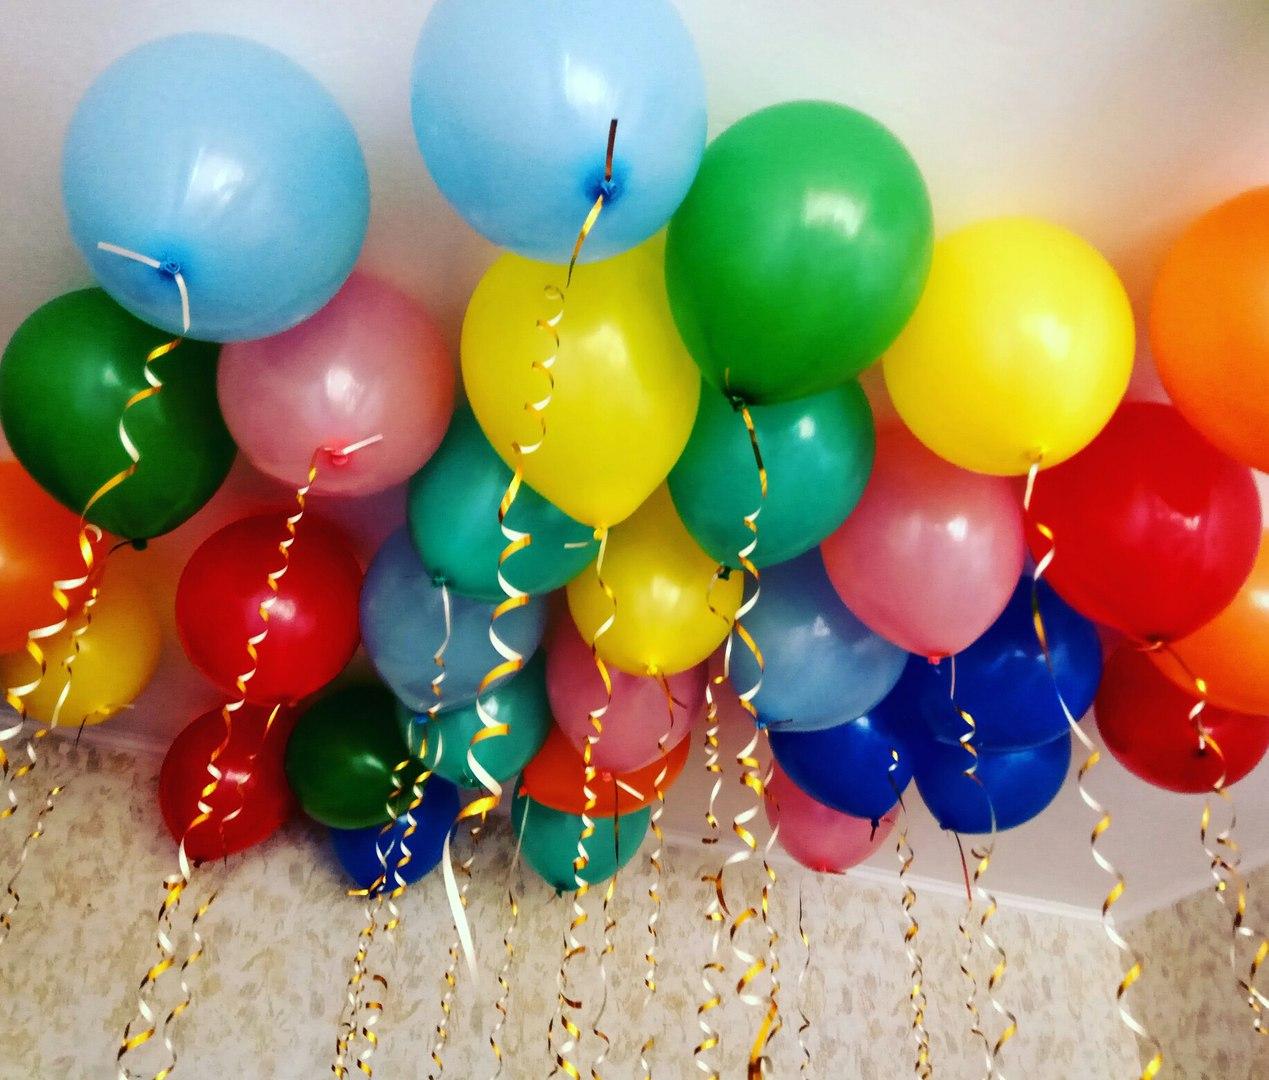 Как выбрать воздушные шарики с гелием под потолок? 3 оригинальных решения